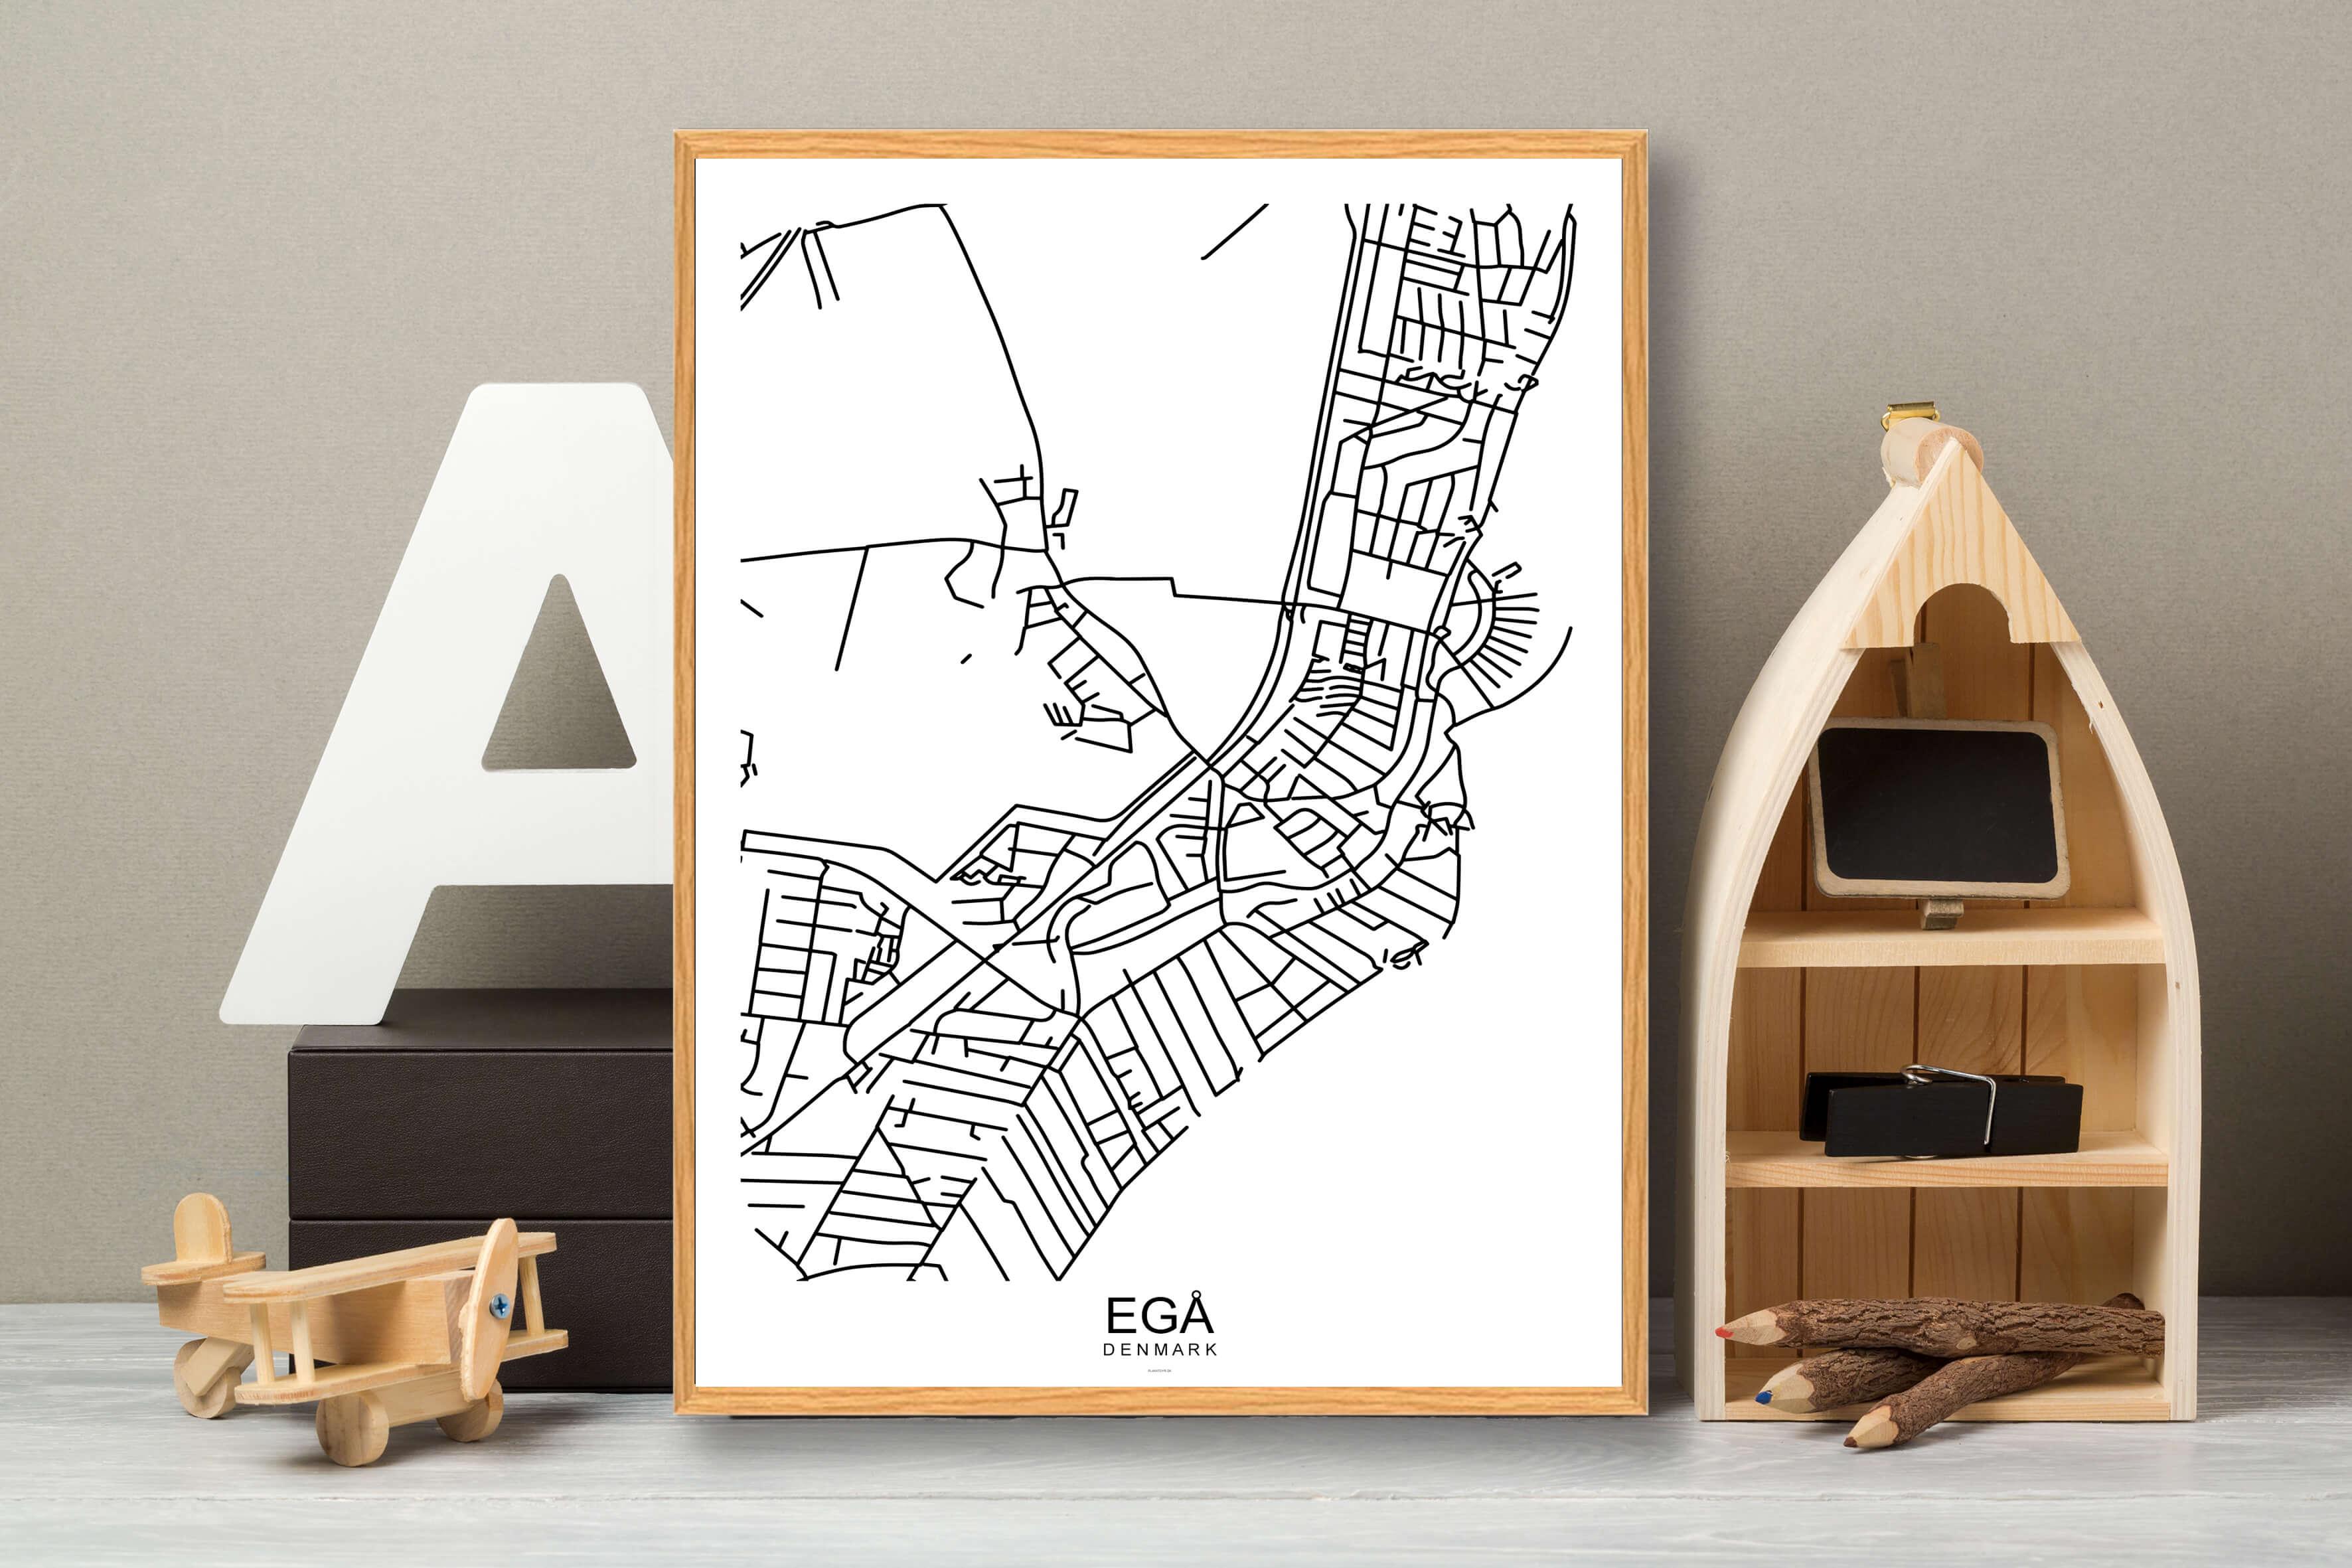 egaa-boligplakat-bykort-hvid